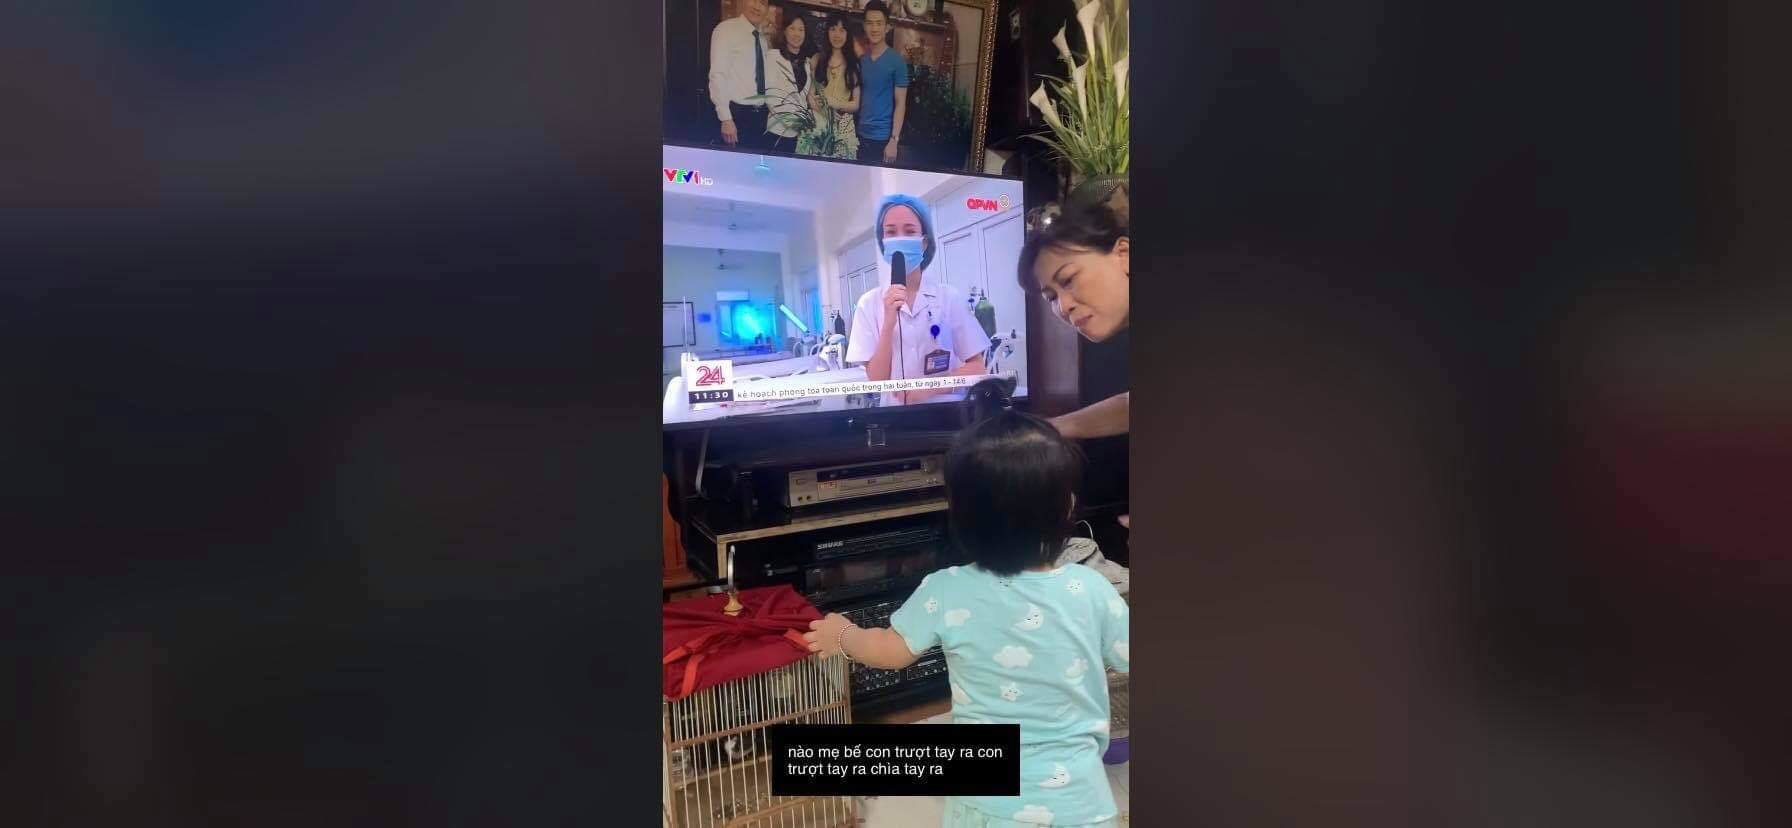 Xúc động clip bé gái khóc nấc đòi mẹ trên tivi: Thương các chiến sĩ áo trắng nơi tuyến đầu chống dịch!